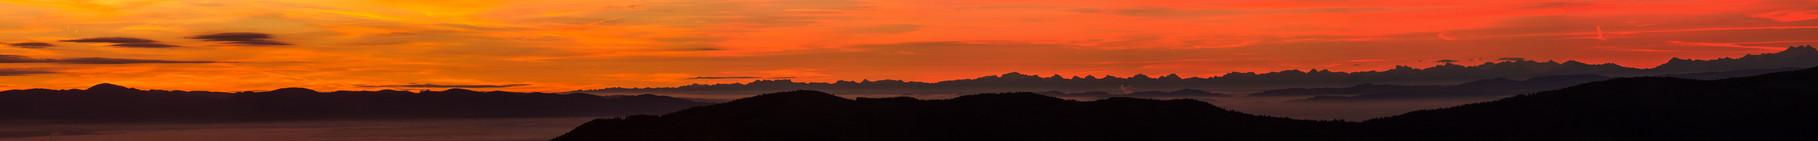 Le 18/10/2014  Les Alpes au lever du jour depuis le Hohneck (Hautes Vosges)